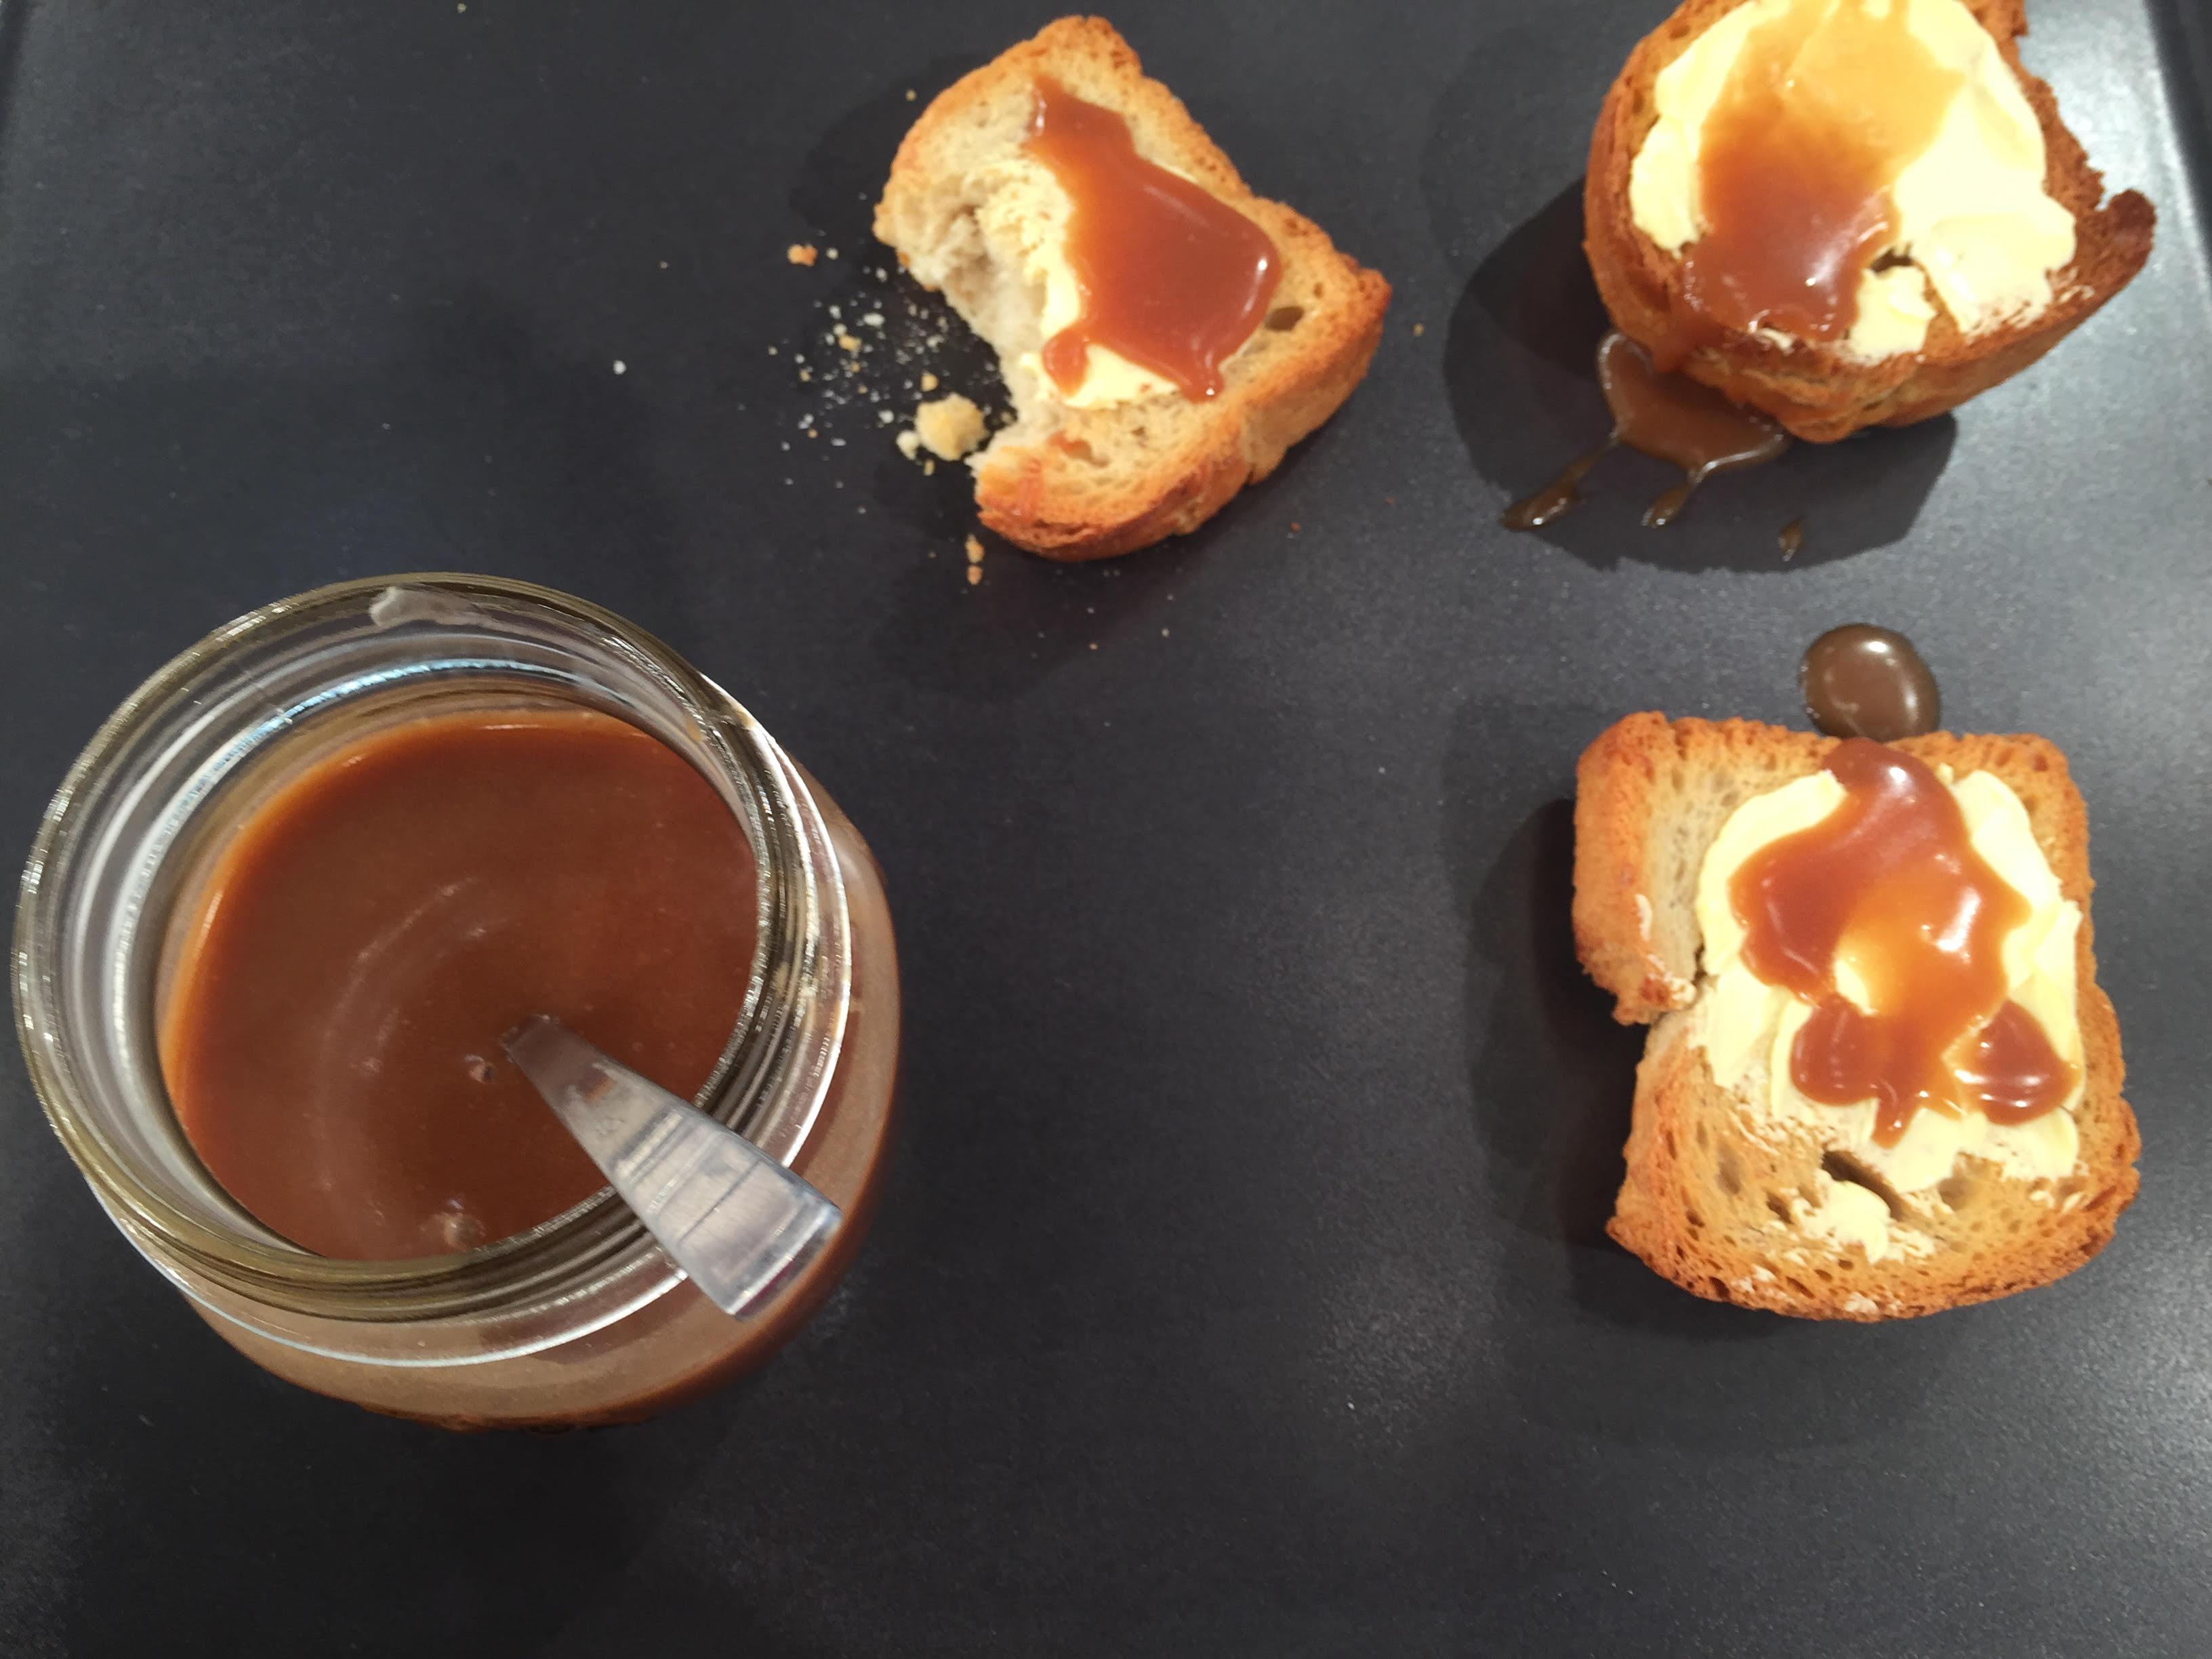 Βούτυρο με μέλι και κακάο στο ψωμί-featured_image